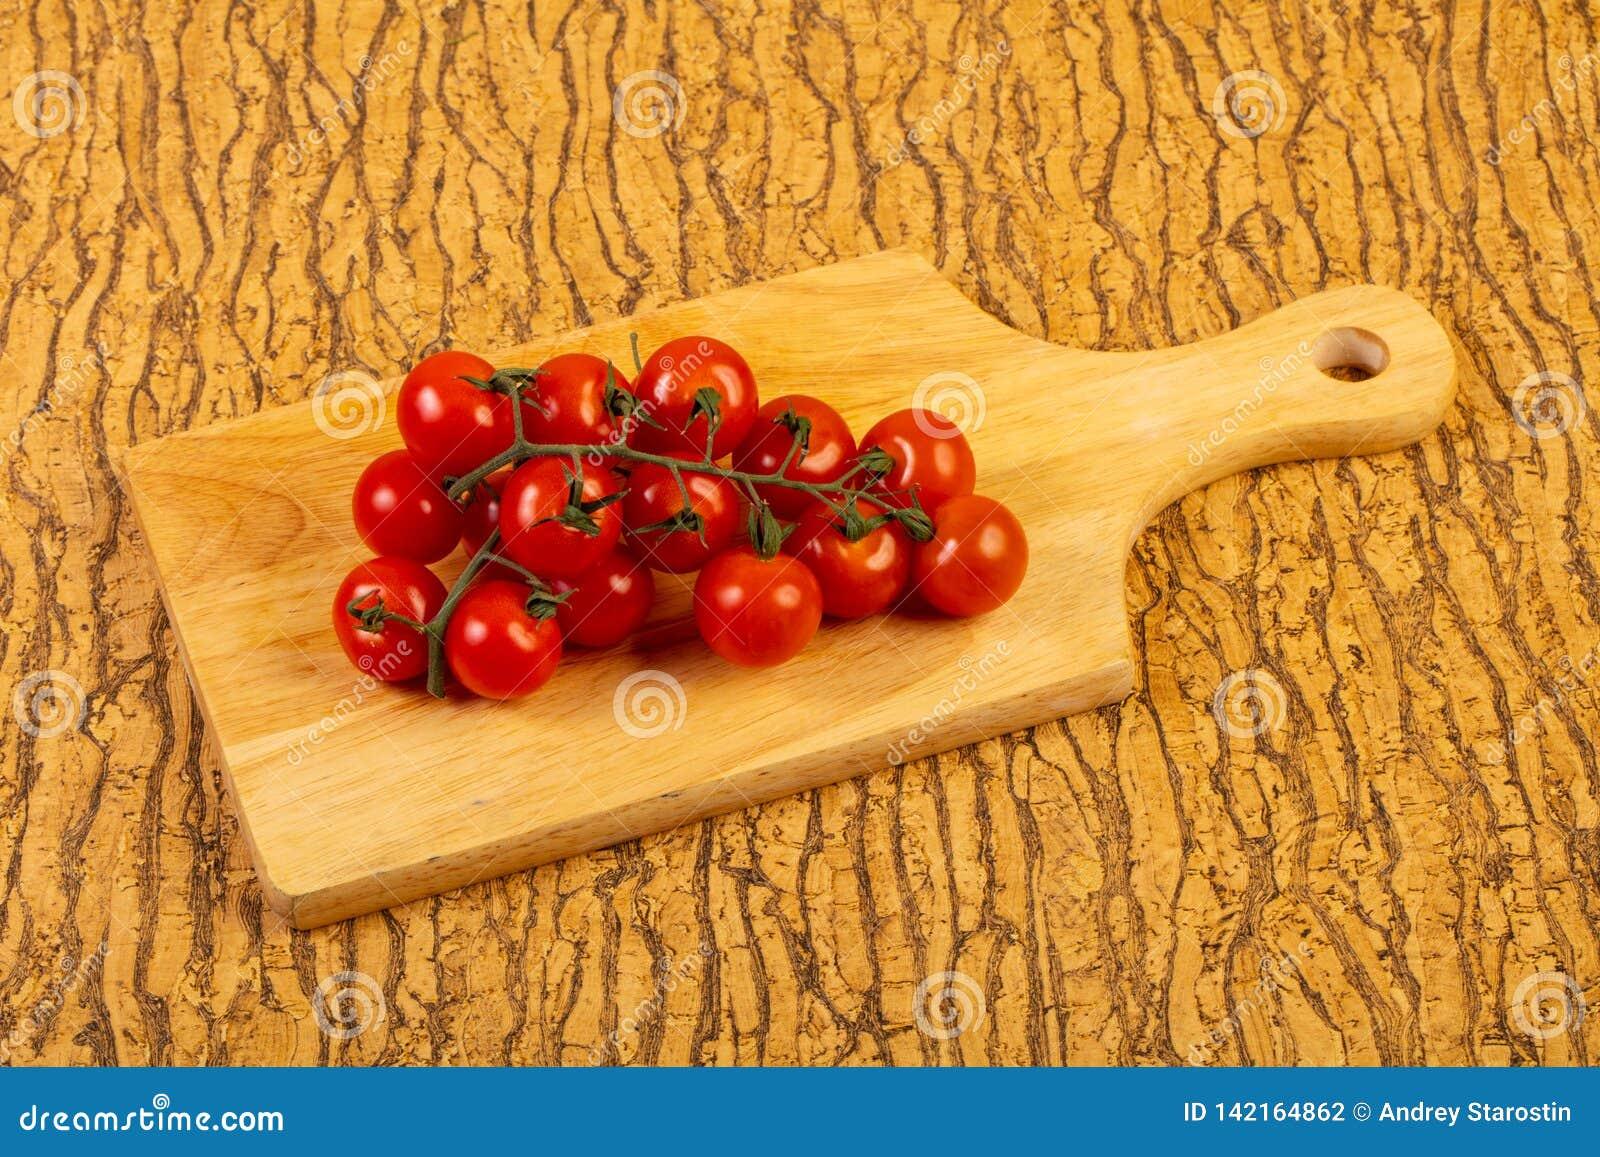 Ripe tomato branch